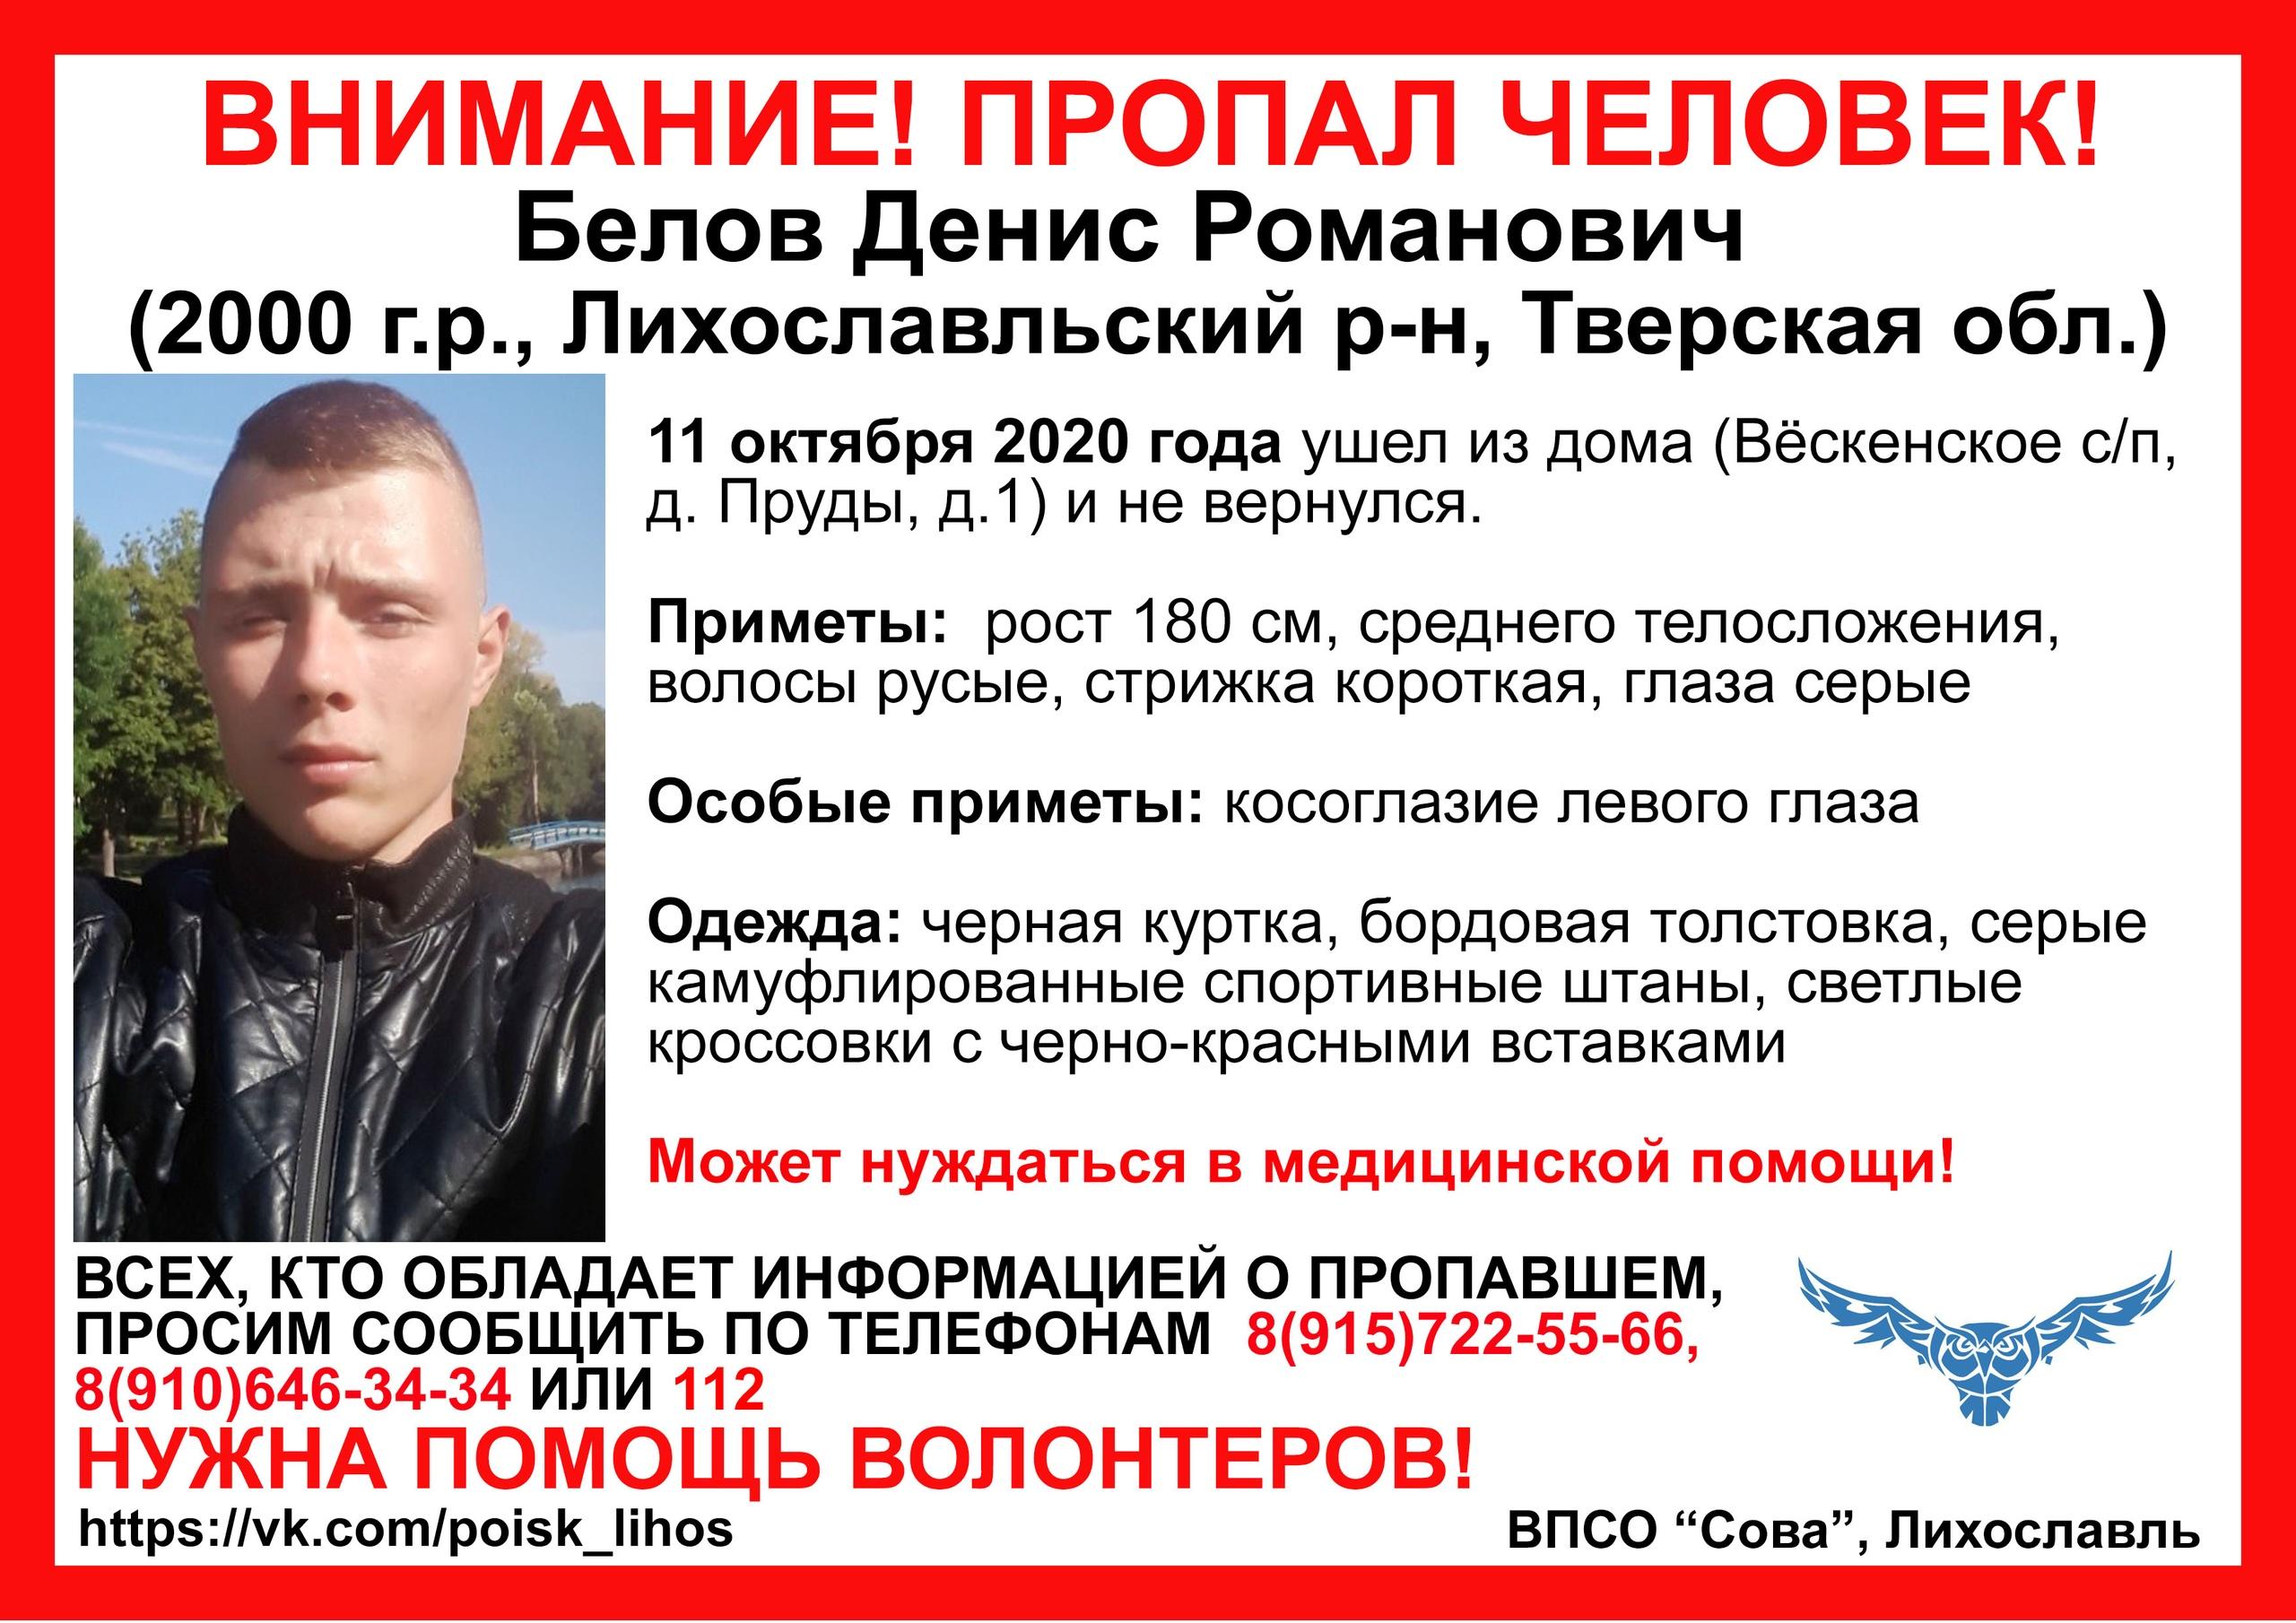 20-летний парень из Тверской области ушел из дома и пропал